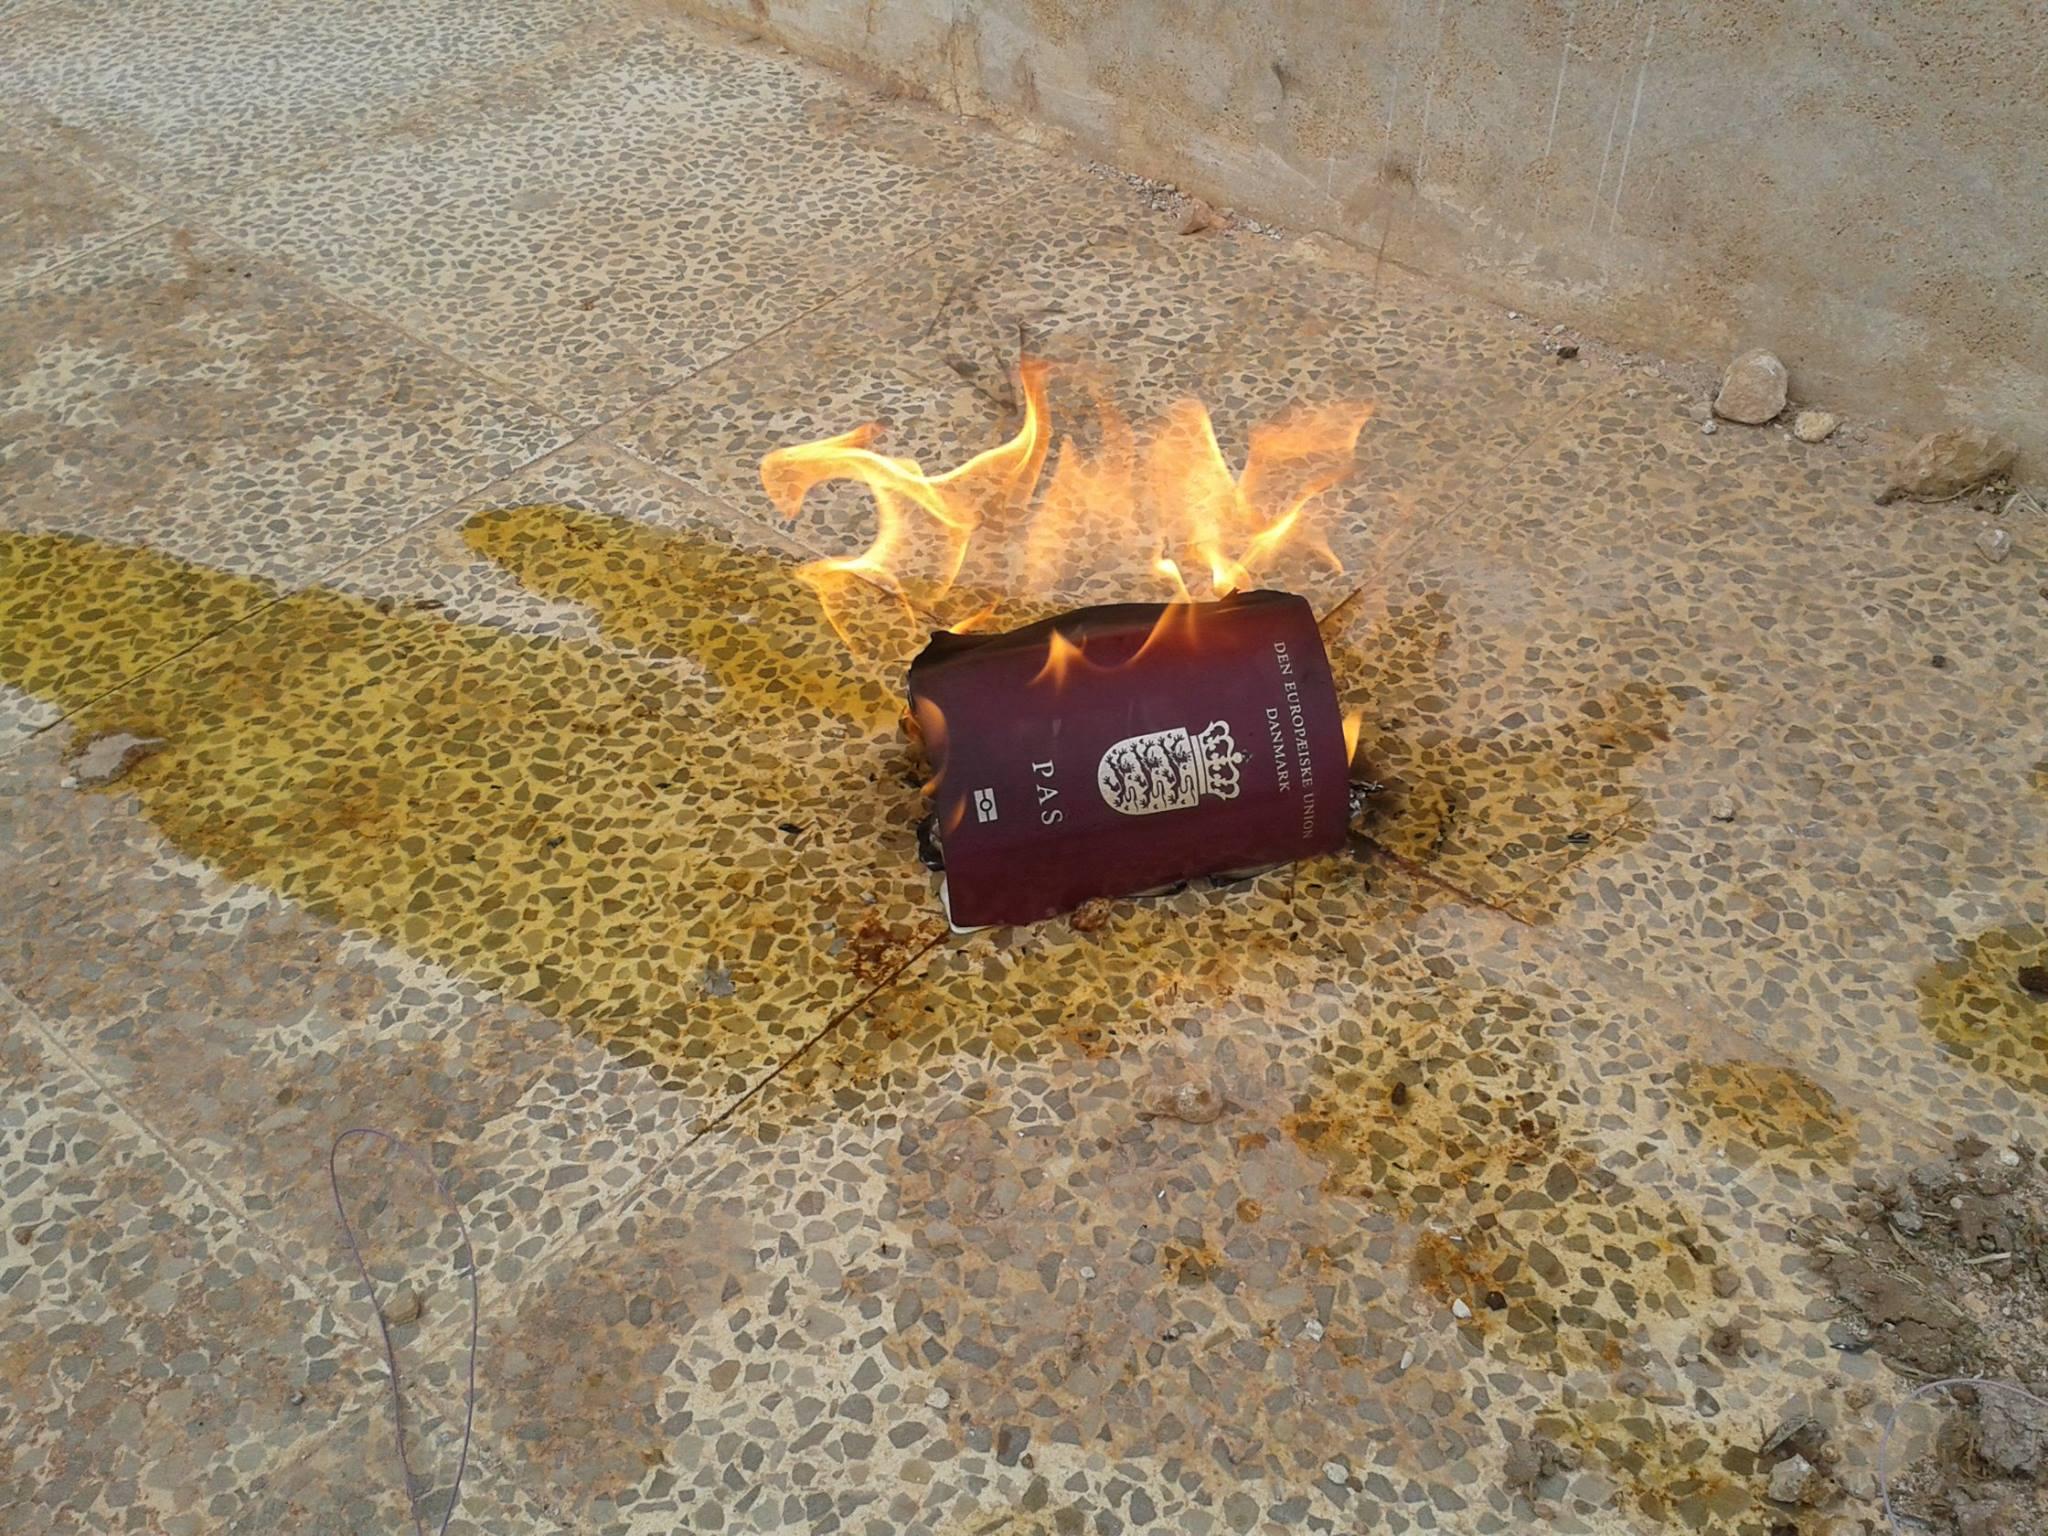 Ahmad Hallaks pas blev brændt i maj 2014 for at sikre, at han kæmpede til døden.